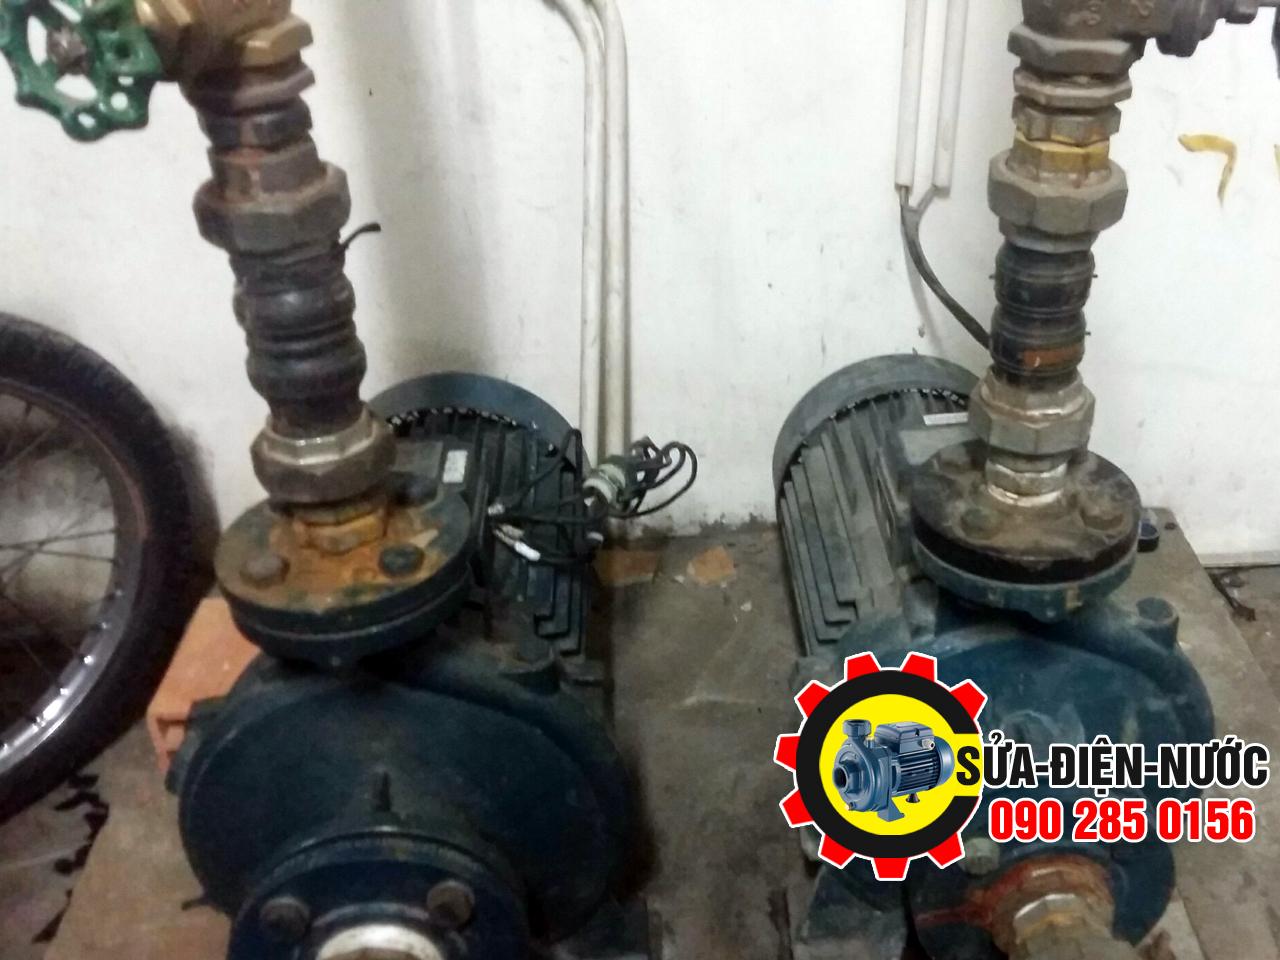 lắp đặt hệ thống đường ống nước sinh hoạt tại Bình Tân